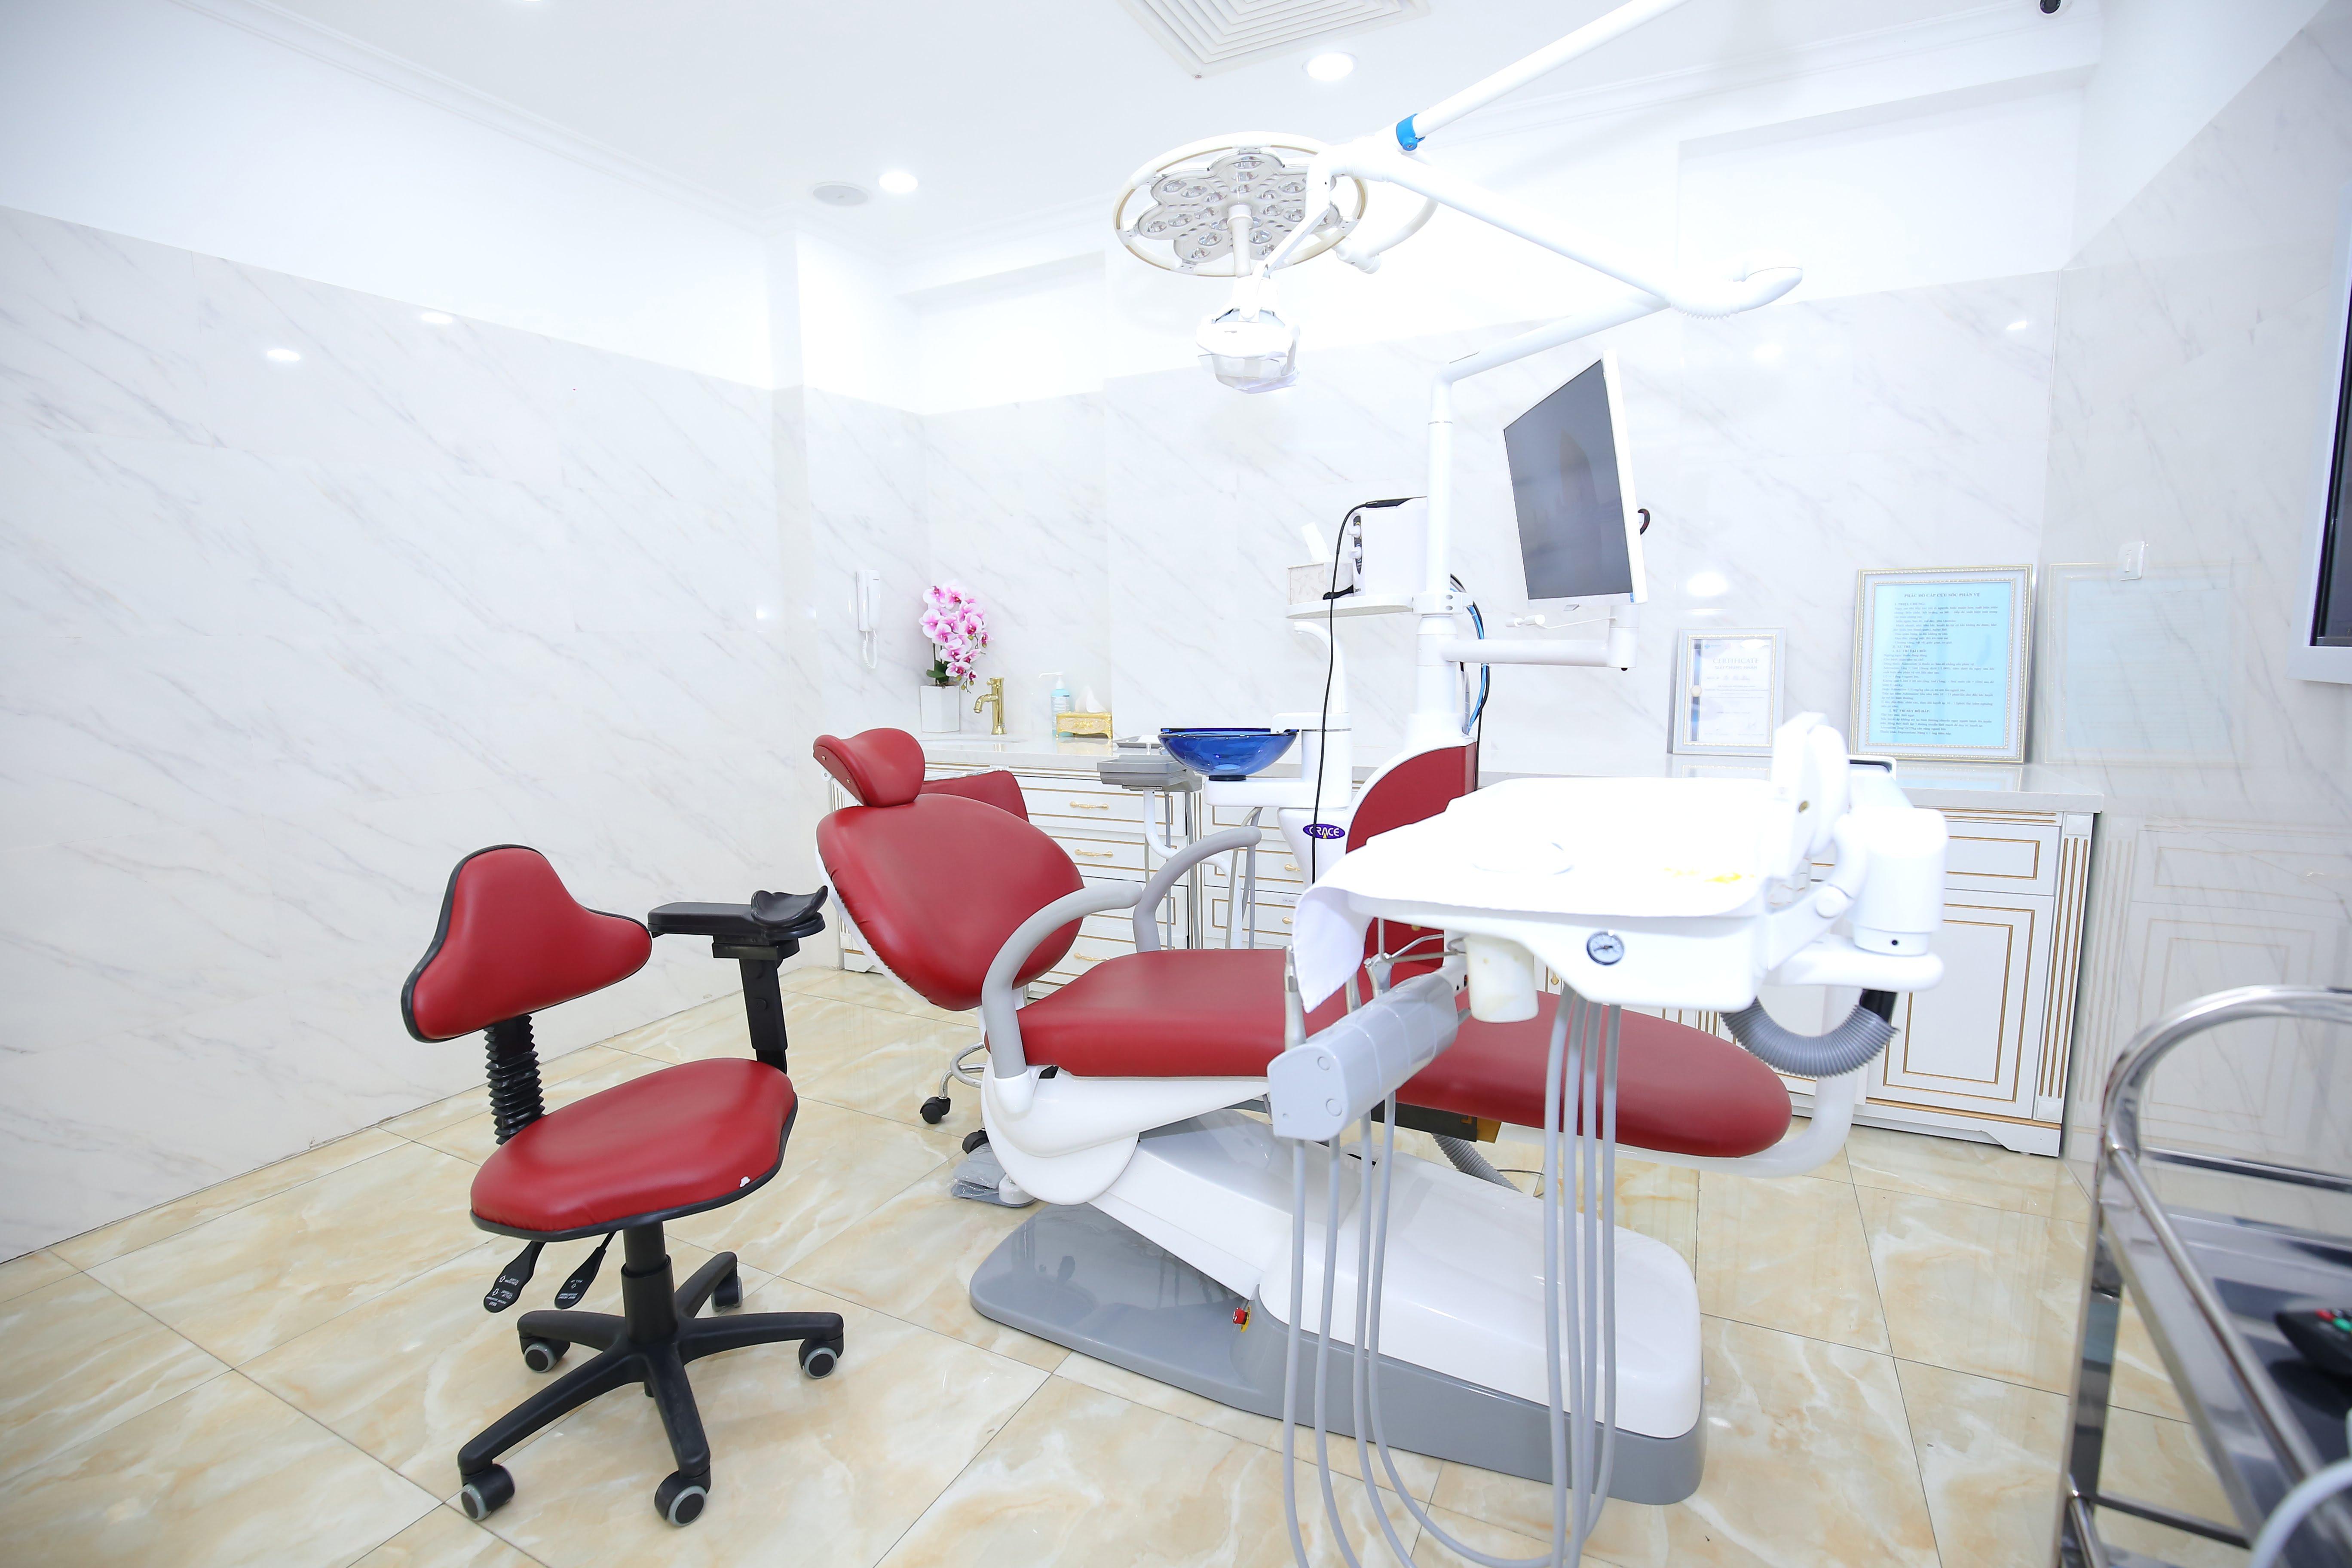 chụp răng sứ ở đâu tốt tại hà nội 2